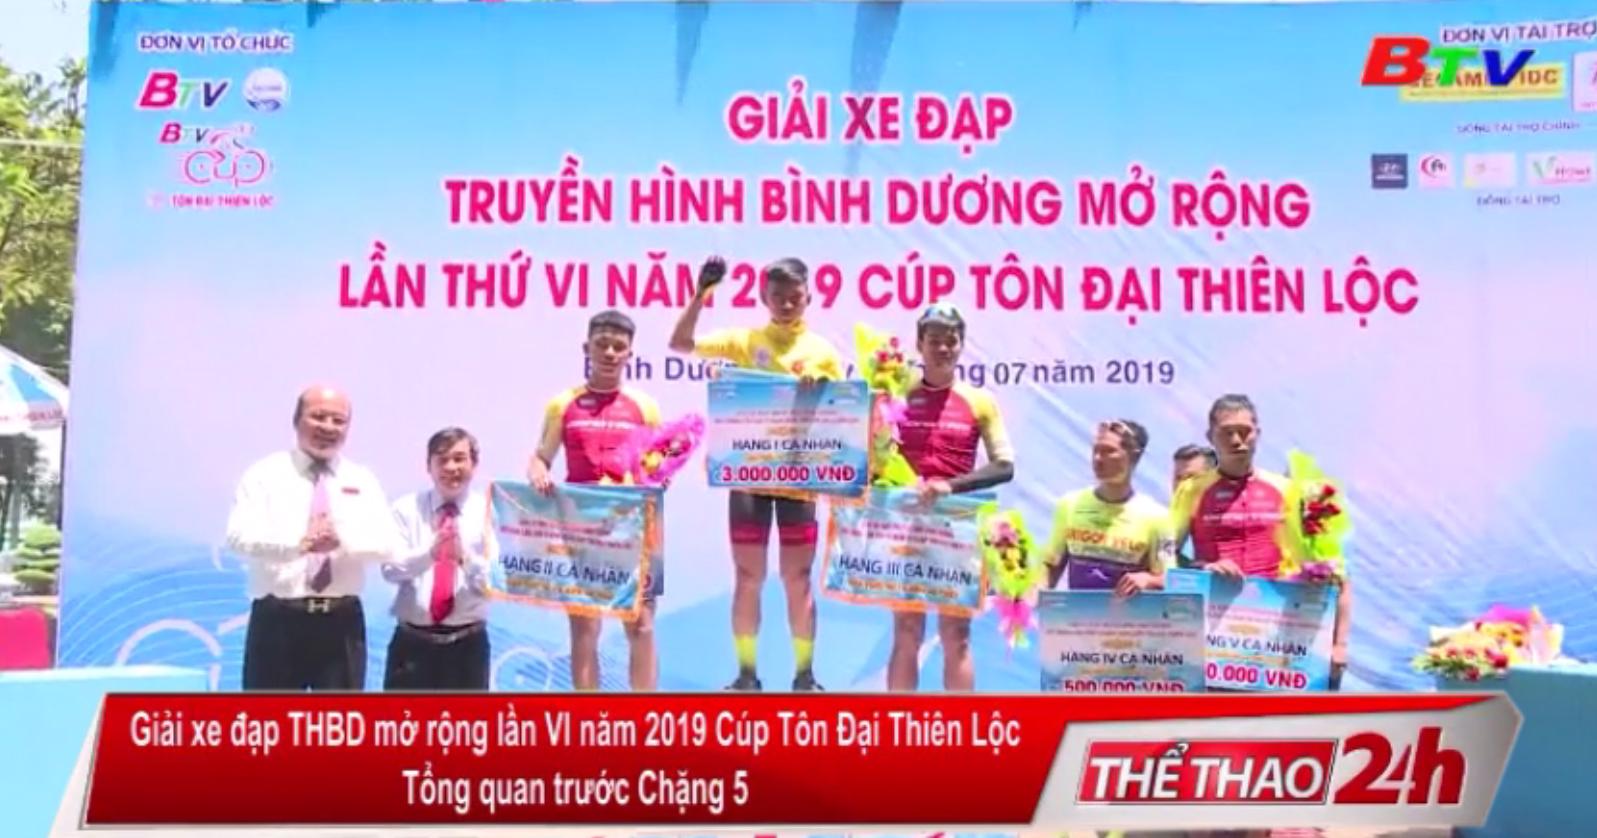 Tổng quan trước Chặng 5 - Giải xe đạp THBD mở rộng lần VI năm 2019 Cúp Tôn Đại Thiên Lộc